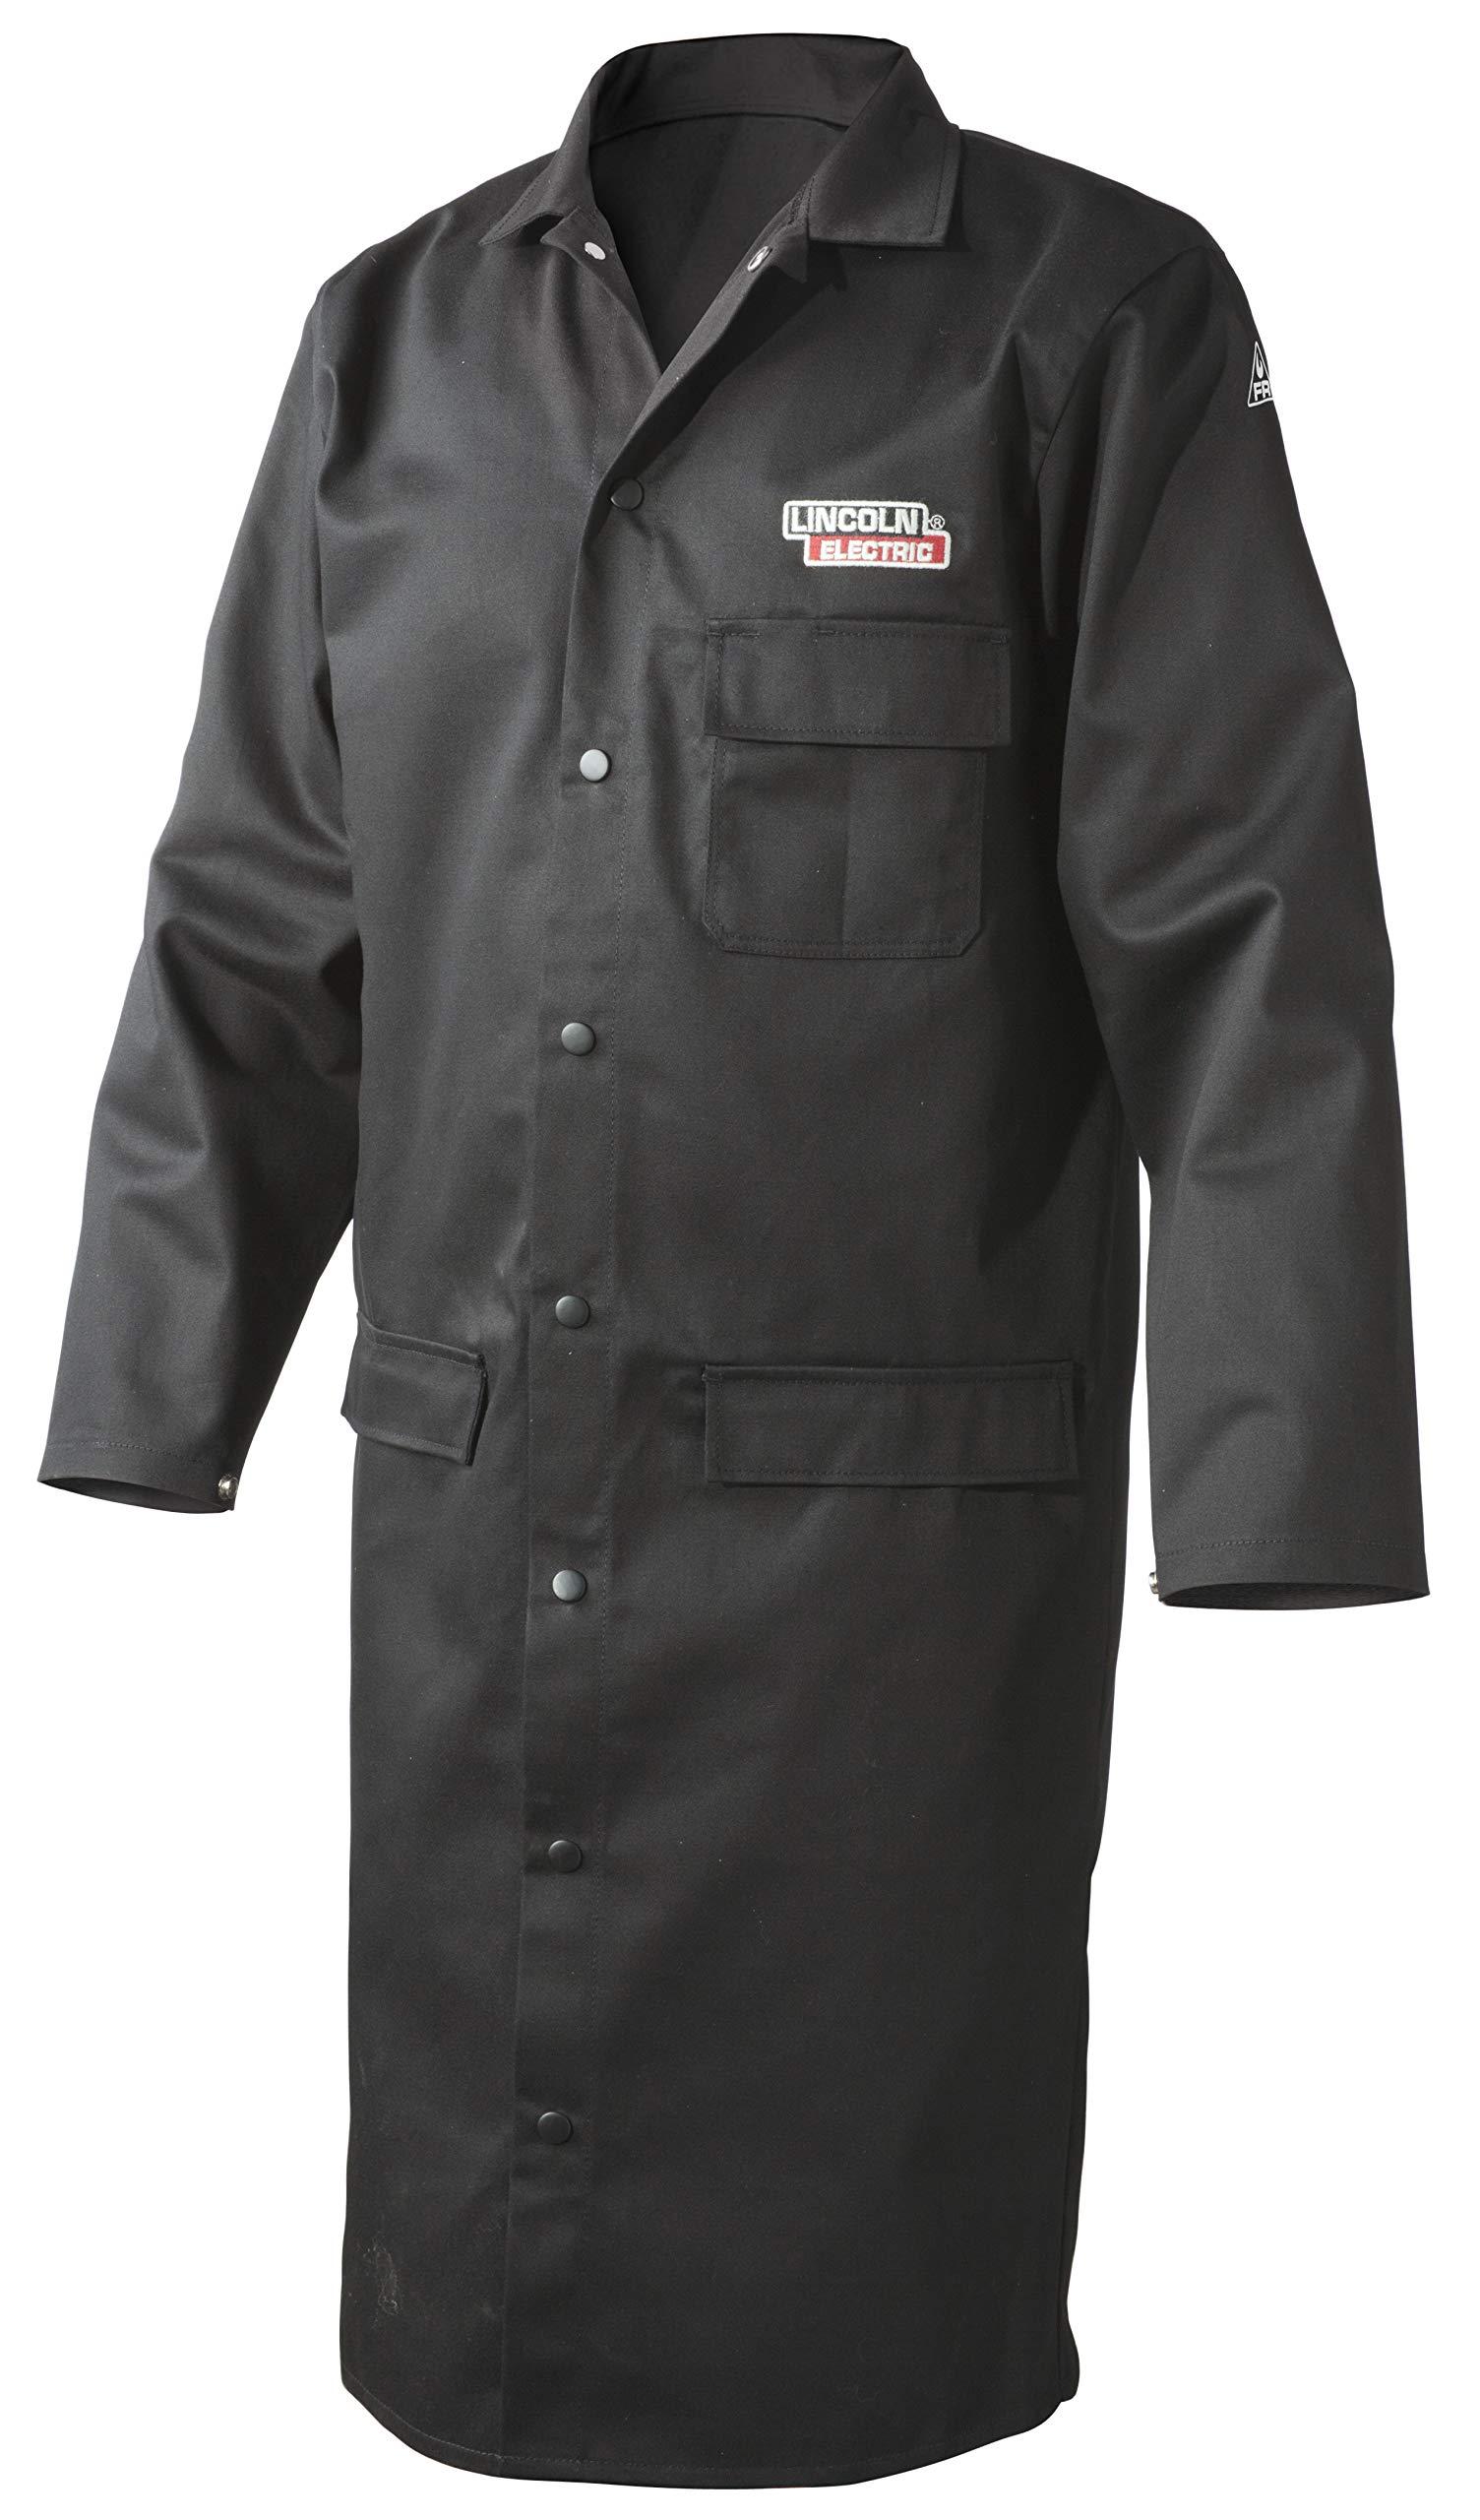 Lincoln Electric Welding Lab Coat | Premium Flame Resistant (FR) Cotton | 45'' Length | Black | Large | K3112-L